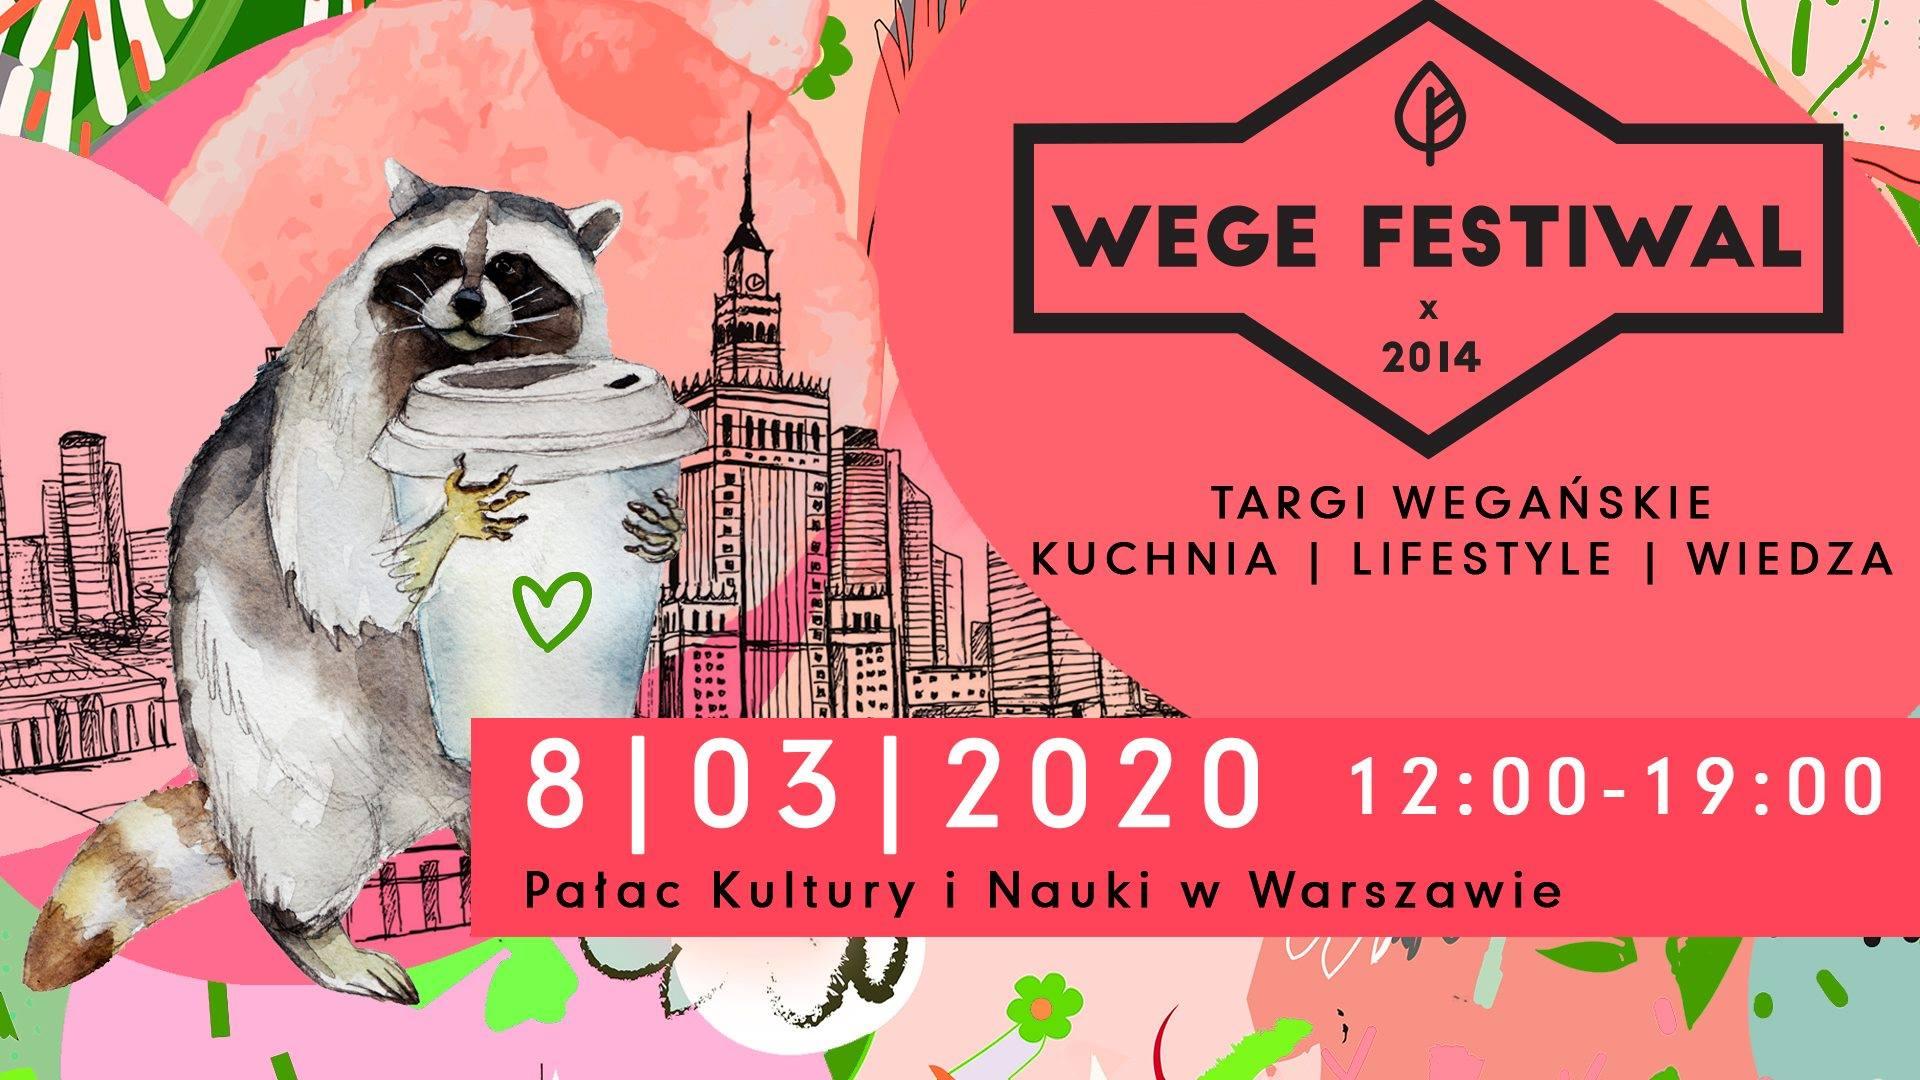 Wege Festiwal PKIN